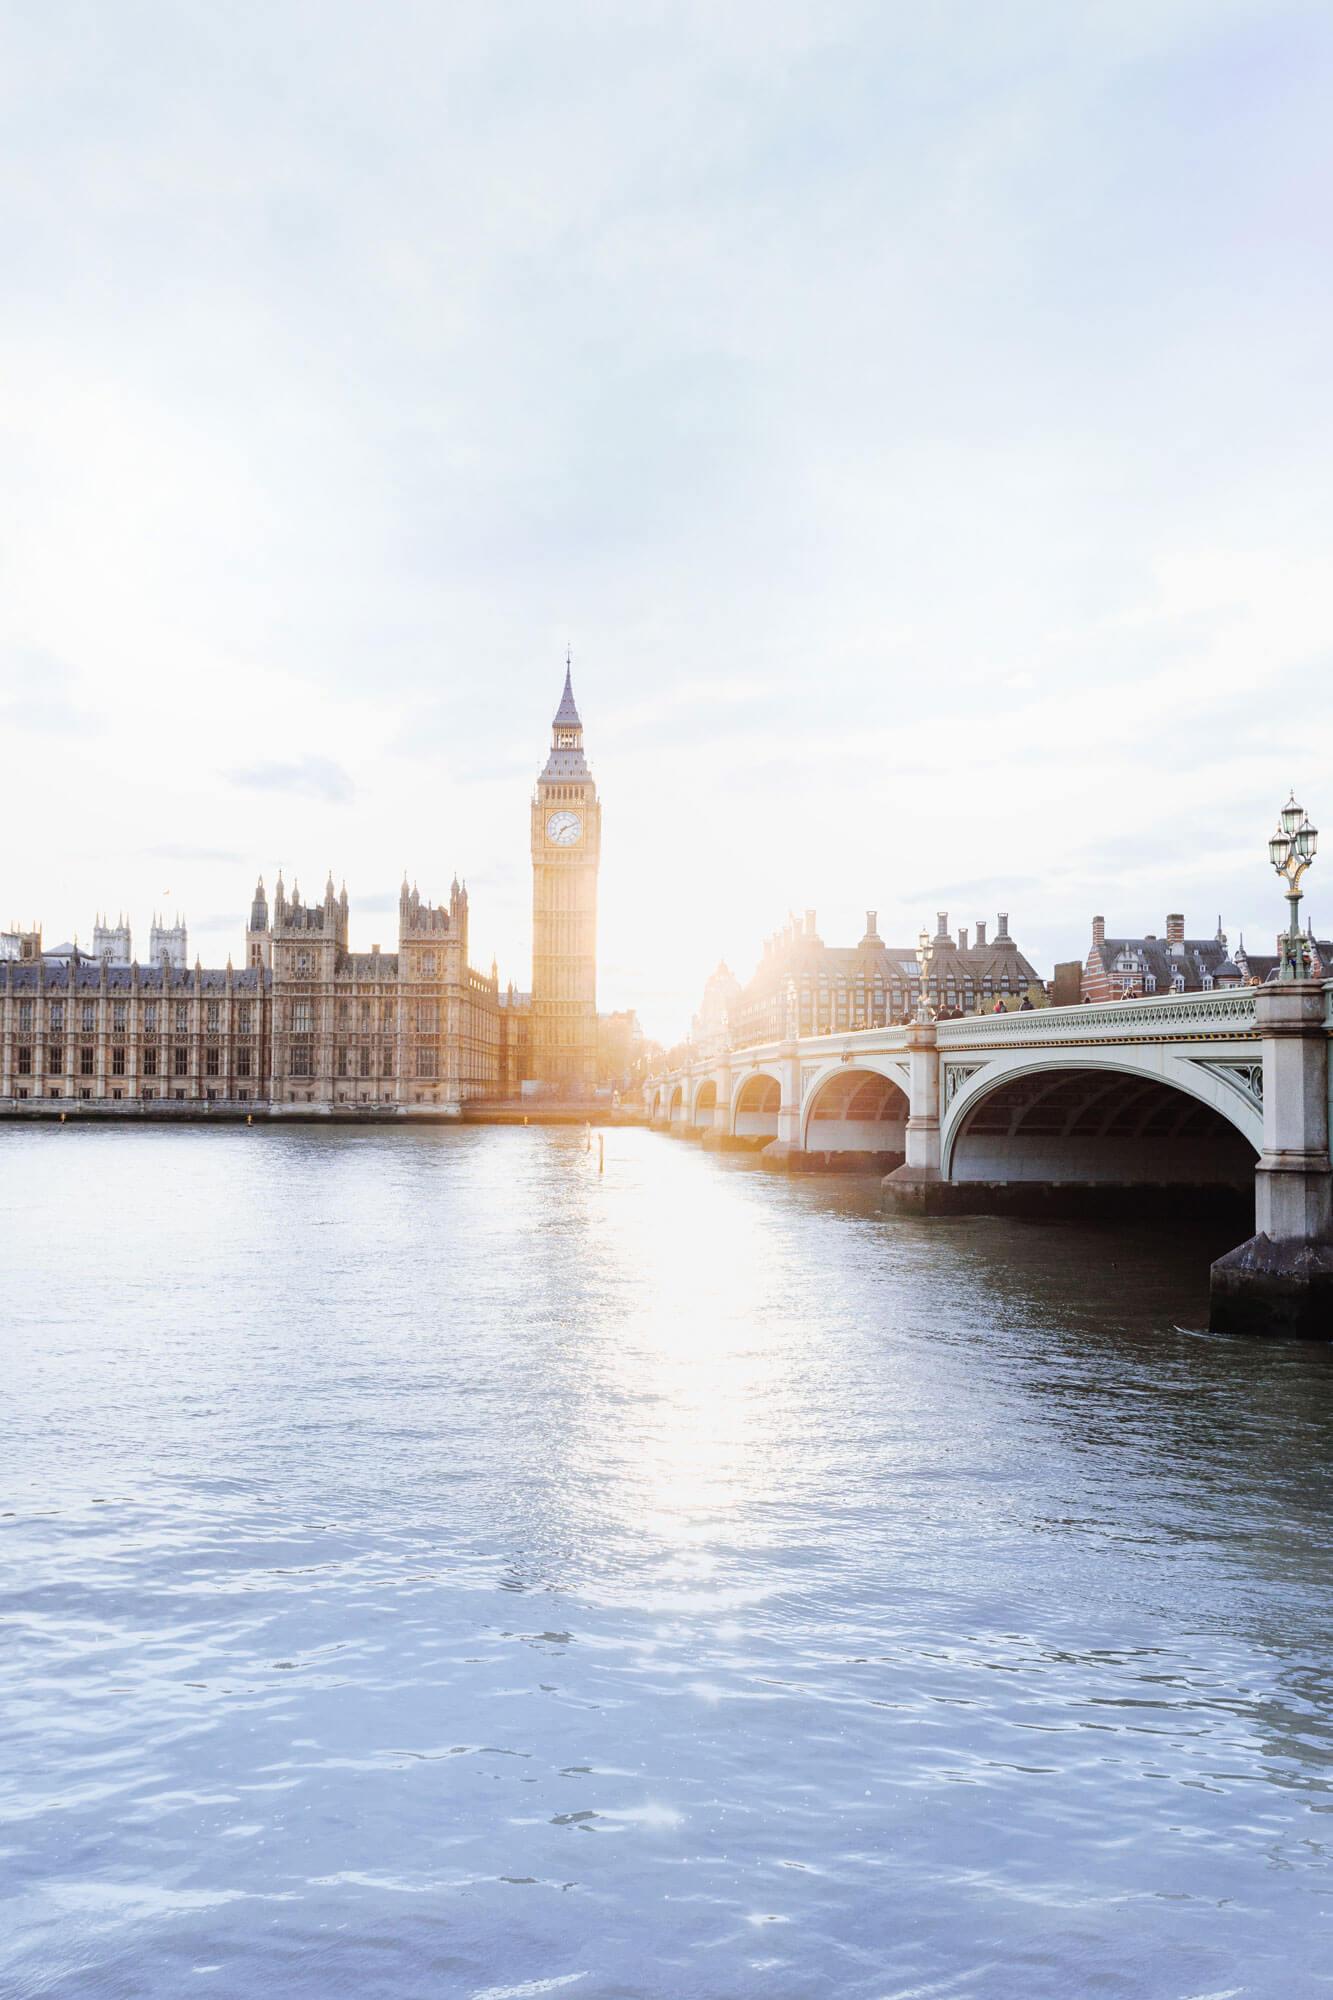 La Tamise, avec vue sur Big Ben et le pont de Westminster